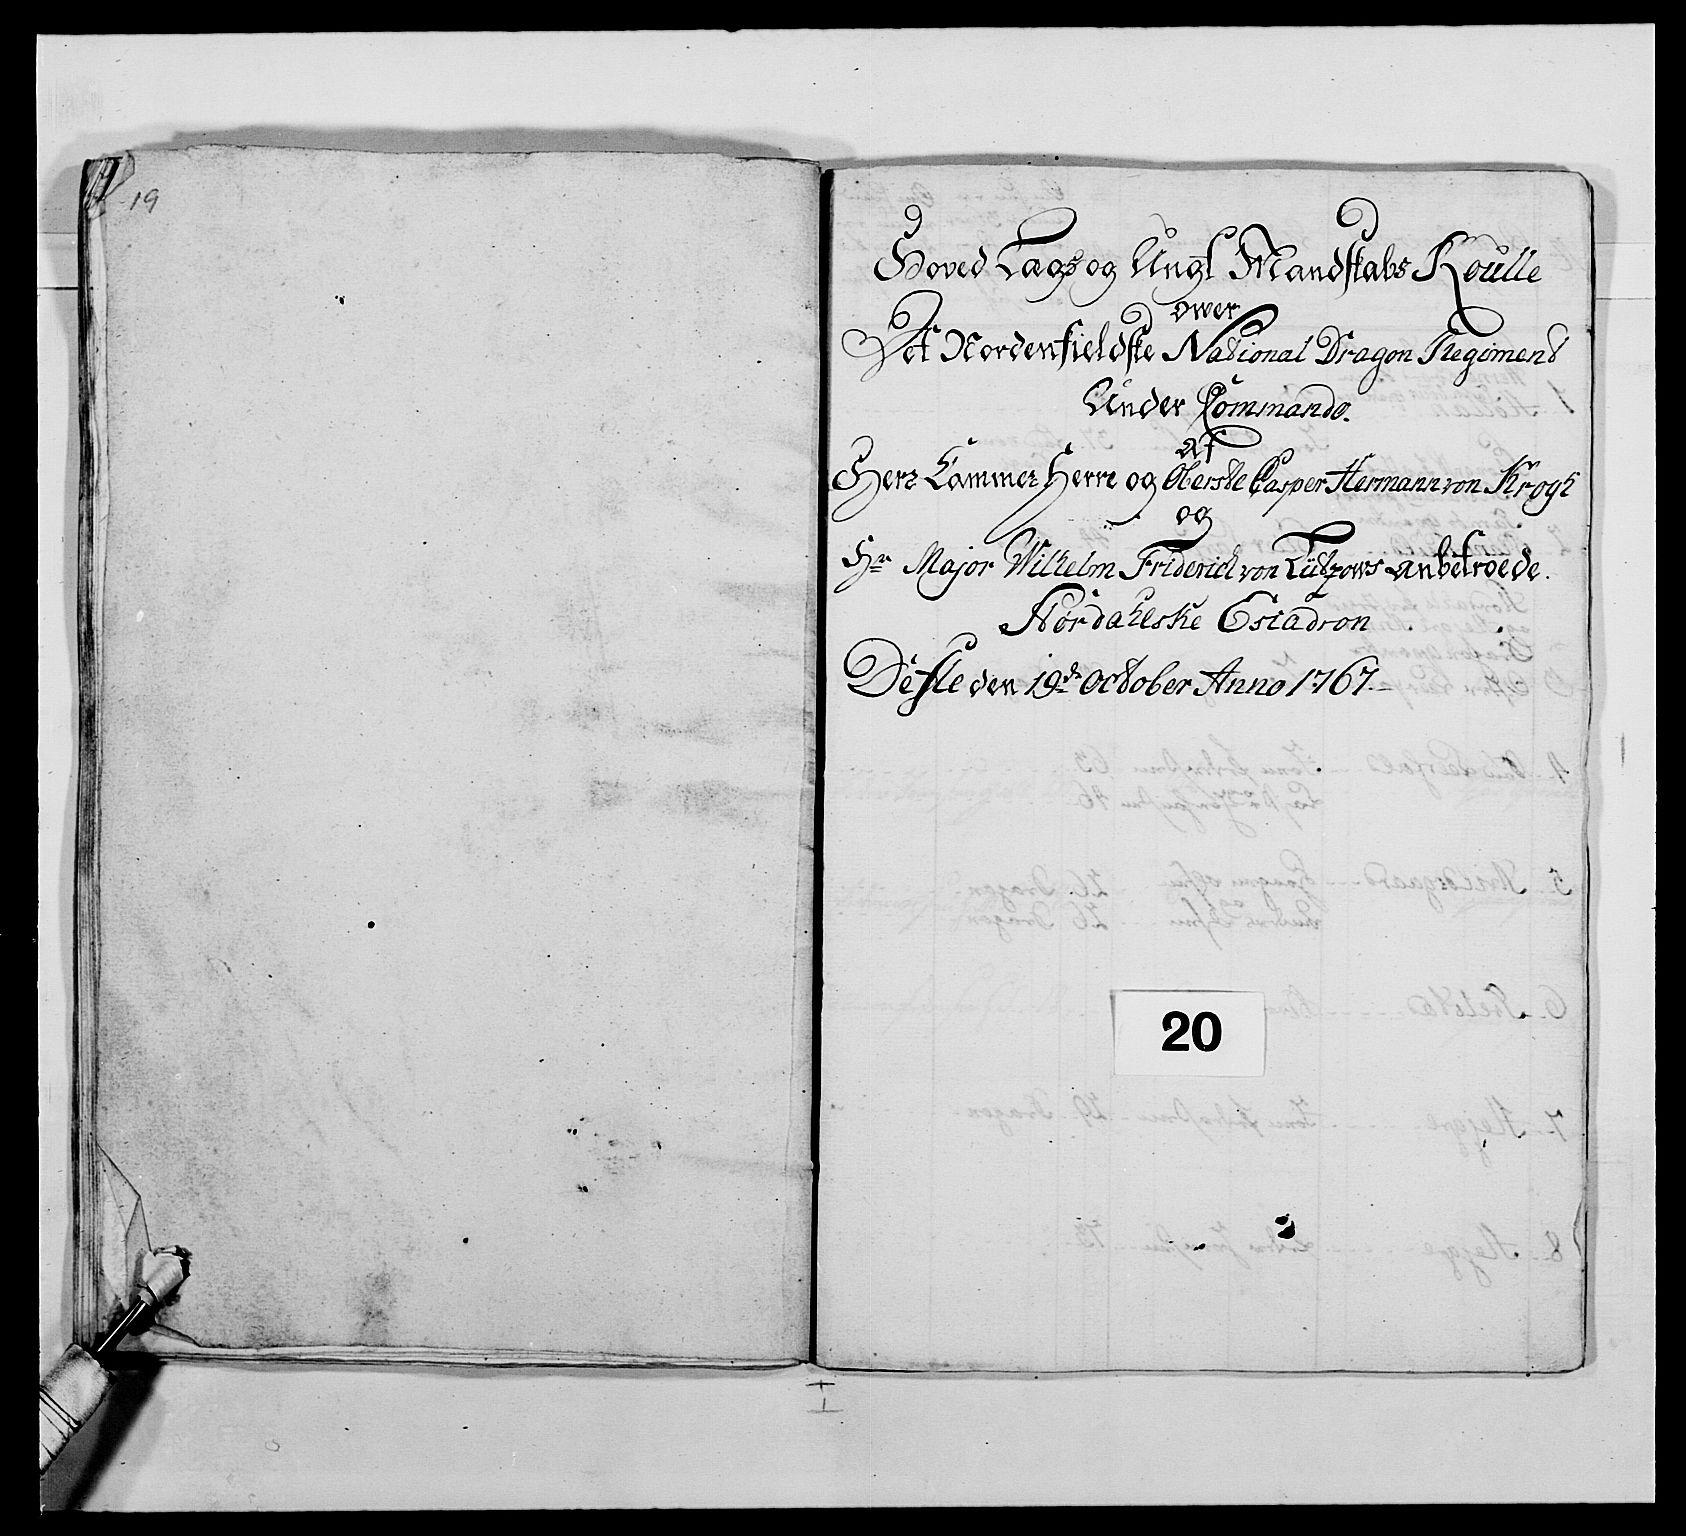 RA, Kommanderende general (KG I) med Det norske krigsdirektorium, E/Ea/L0483: Nordafjelske dragonregiment, 1765-1767, s. 493